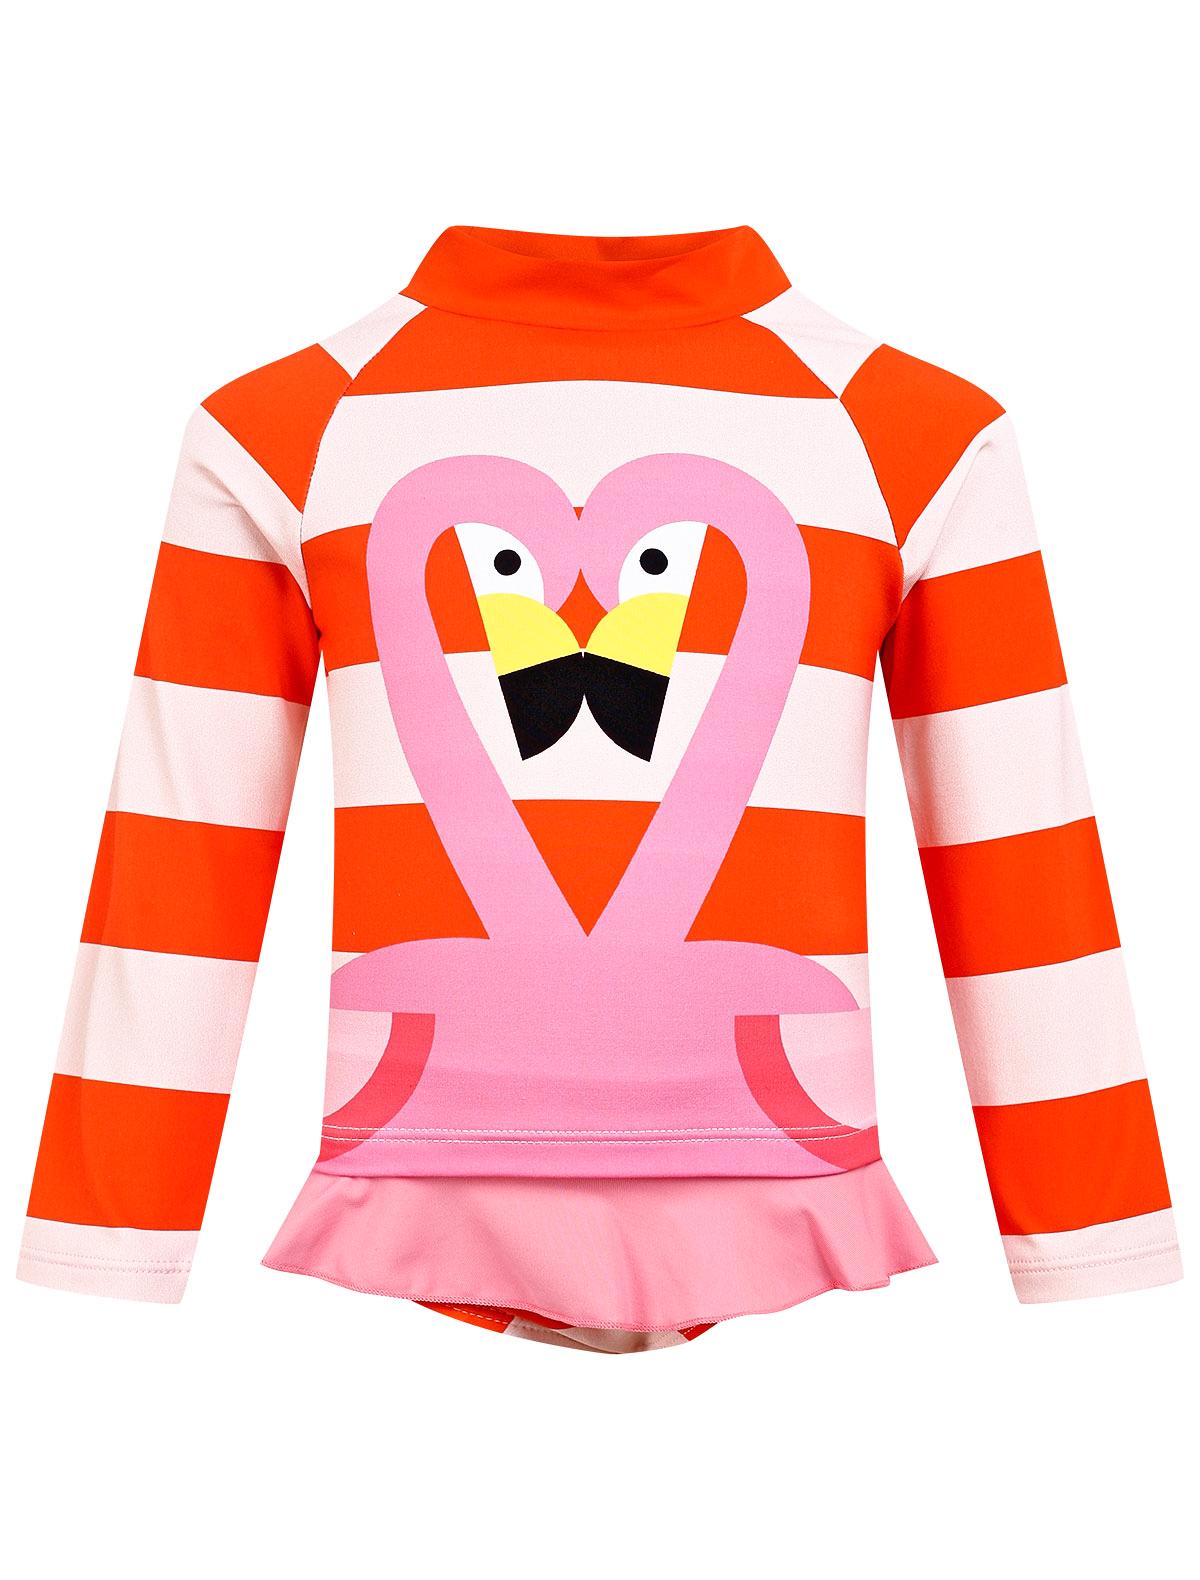 Купить 2280427, Комплект для плавания Stella McCartney, оранжевый, Женский, 4264509170183